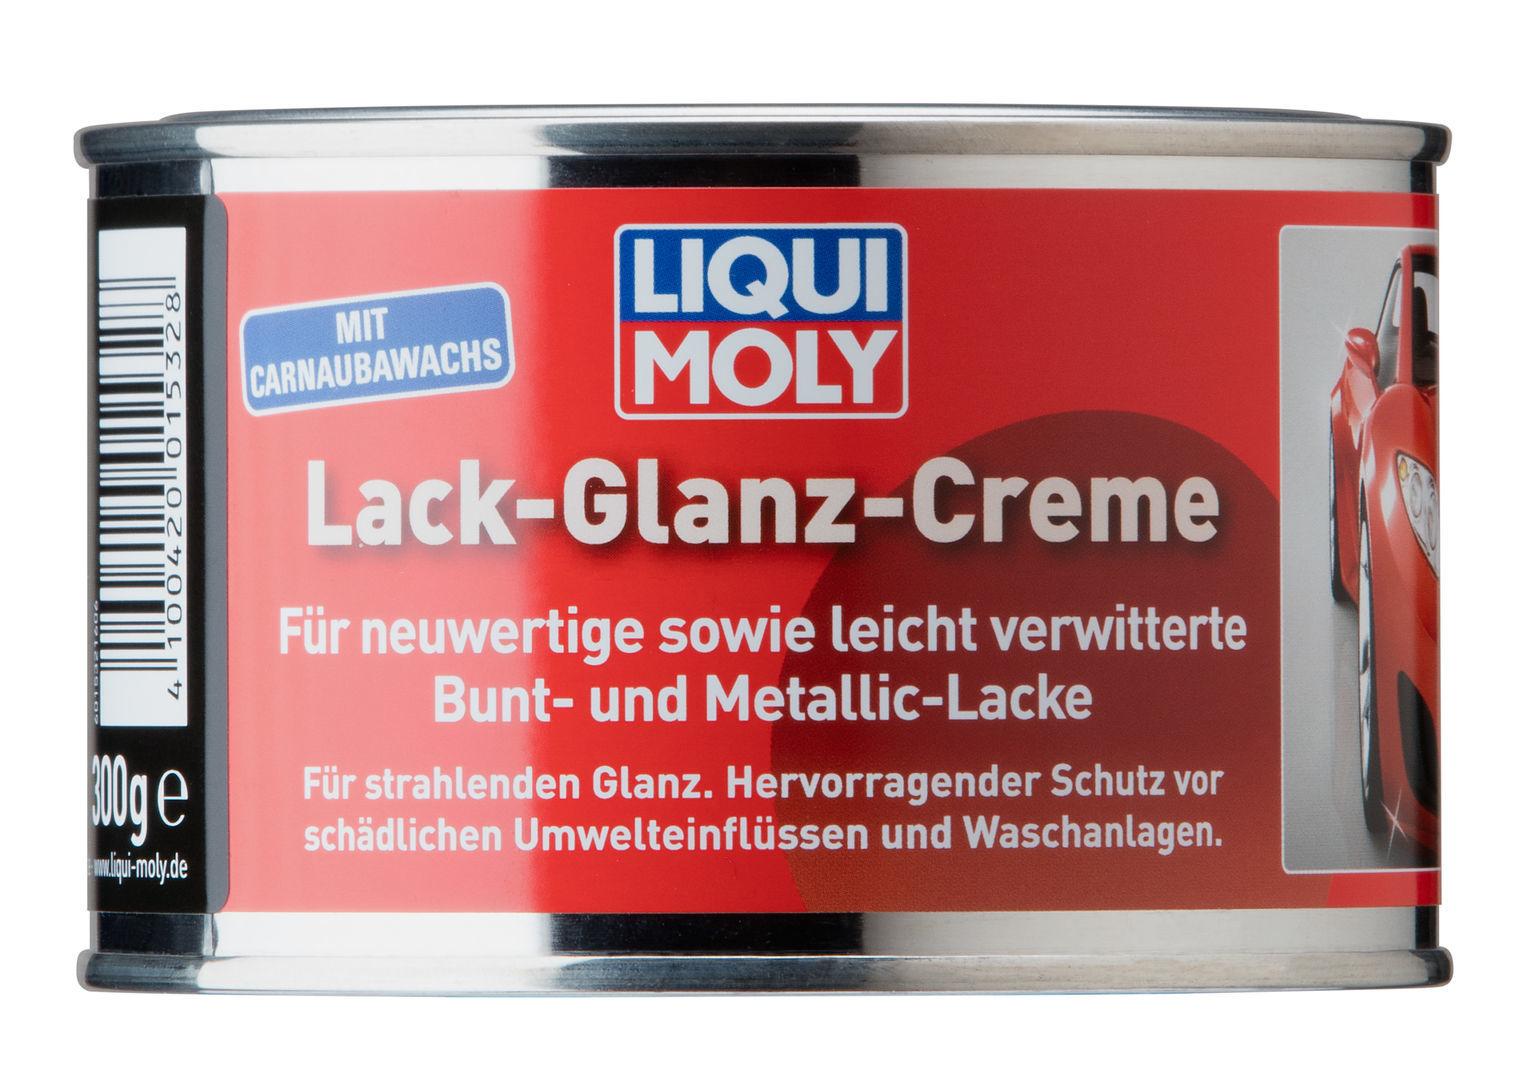 Liqui Moly Lack Glanz Creme (банка) Полироль для глянцевых поверхностей